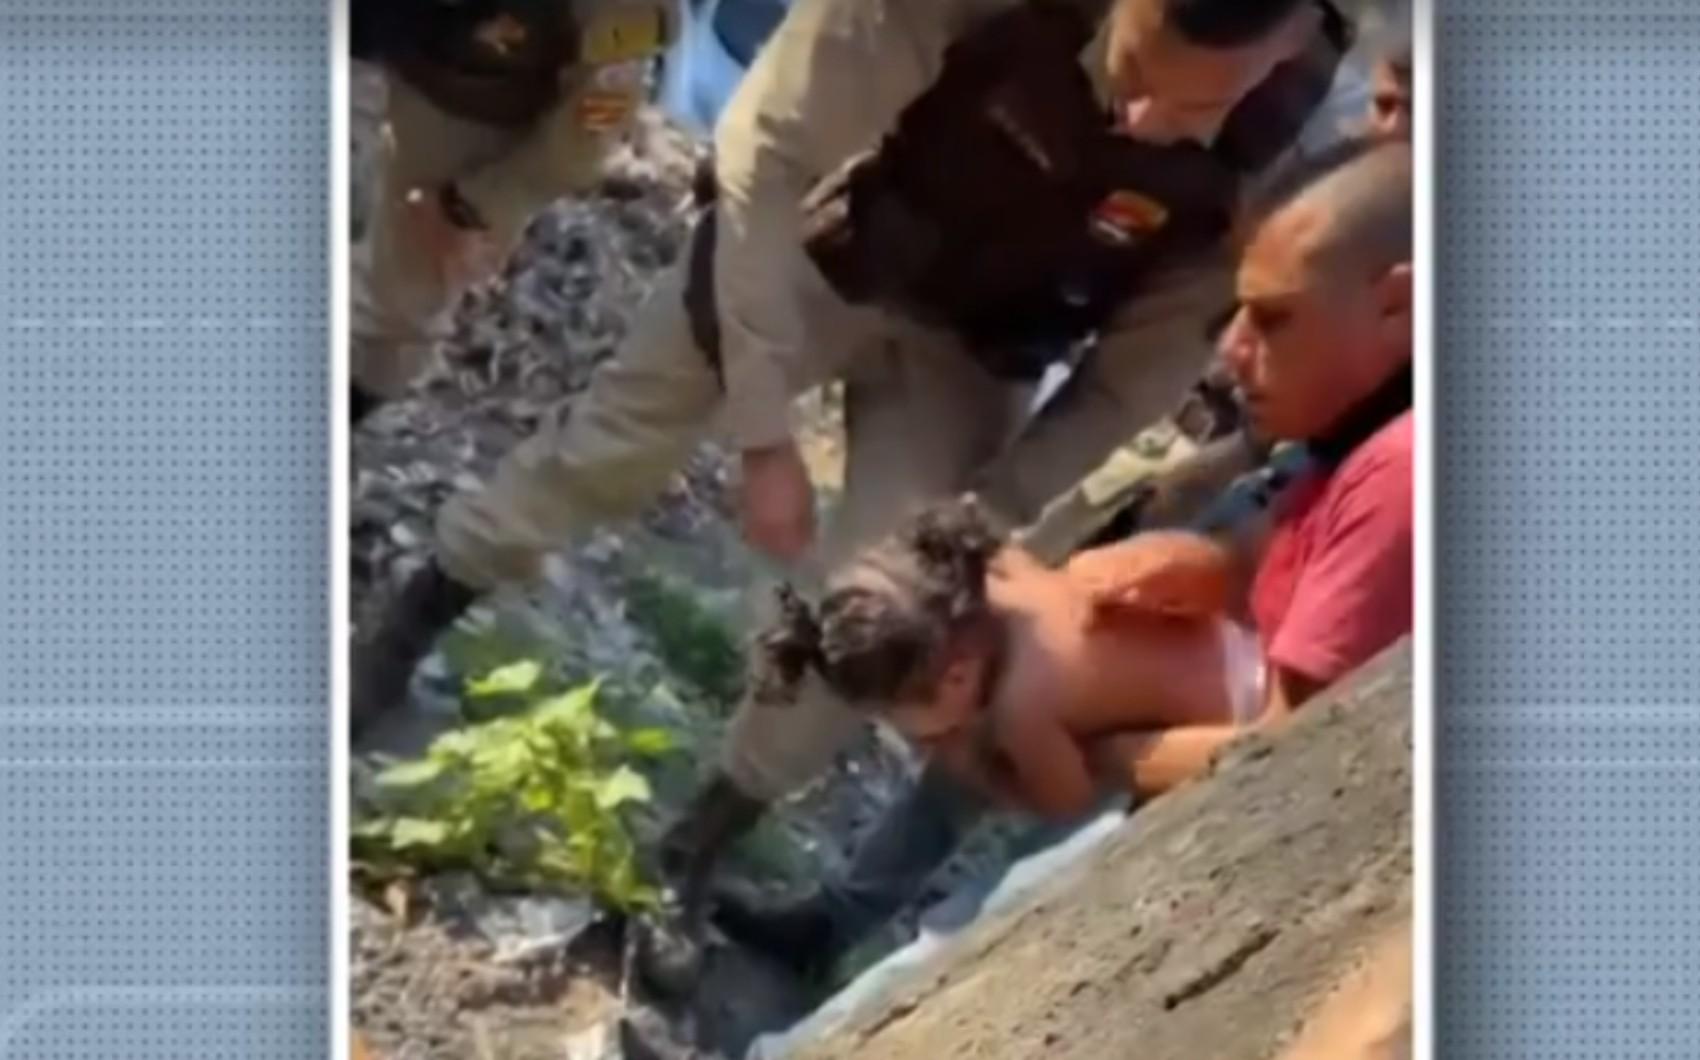 Criança de 1 ano é salva por policial após se engasgar com moeda de cinco centavos na Bahia